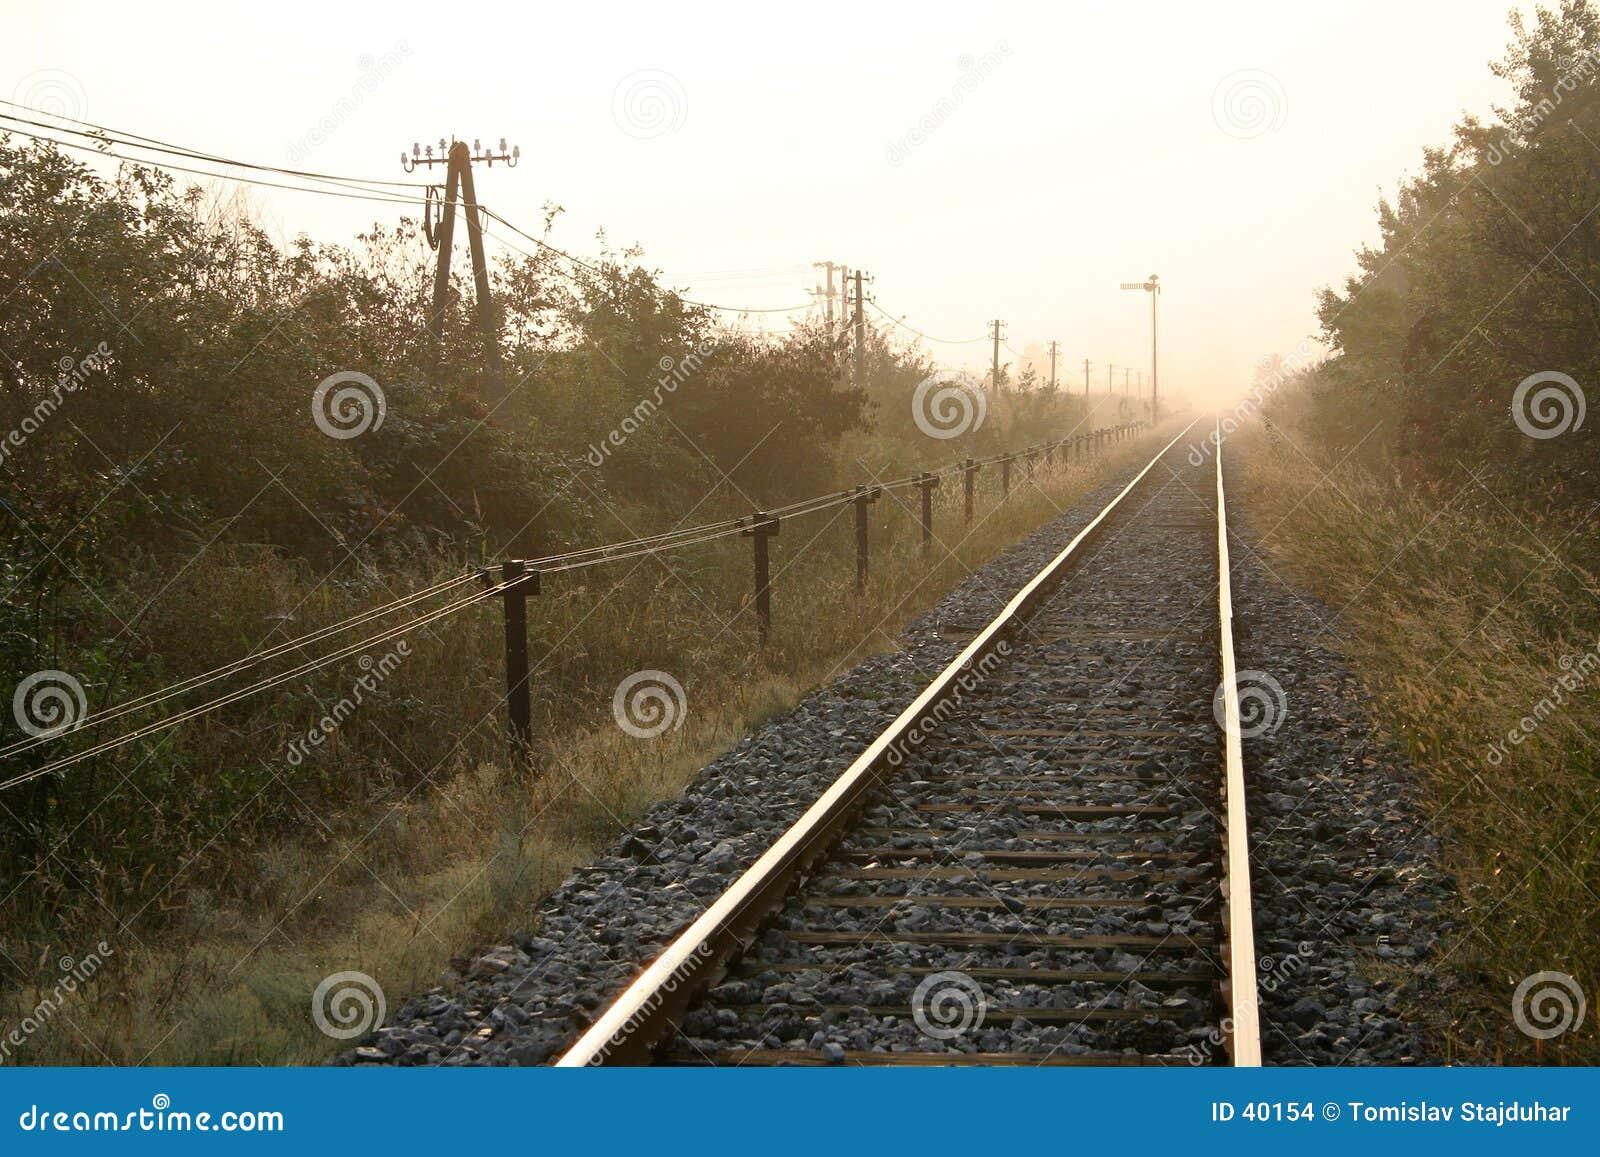 Morgonjärnvägspår